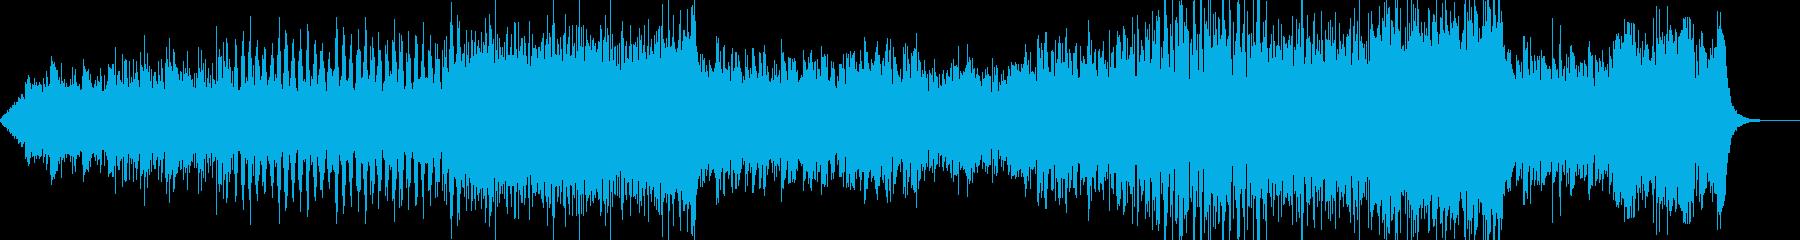 和風ダンスBGMの再生済みの波形